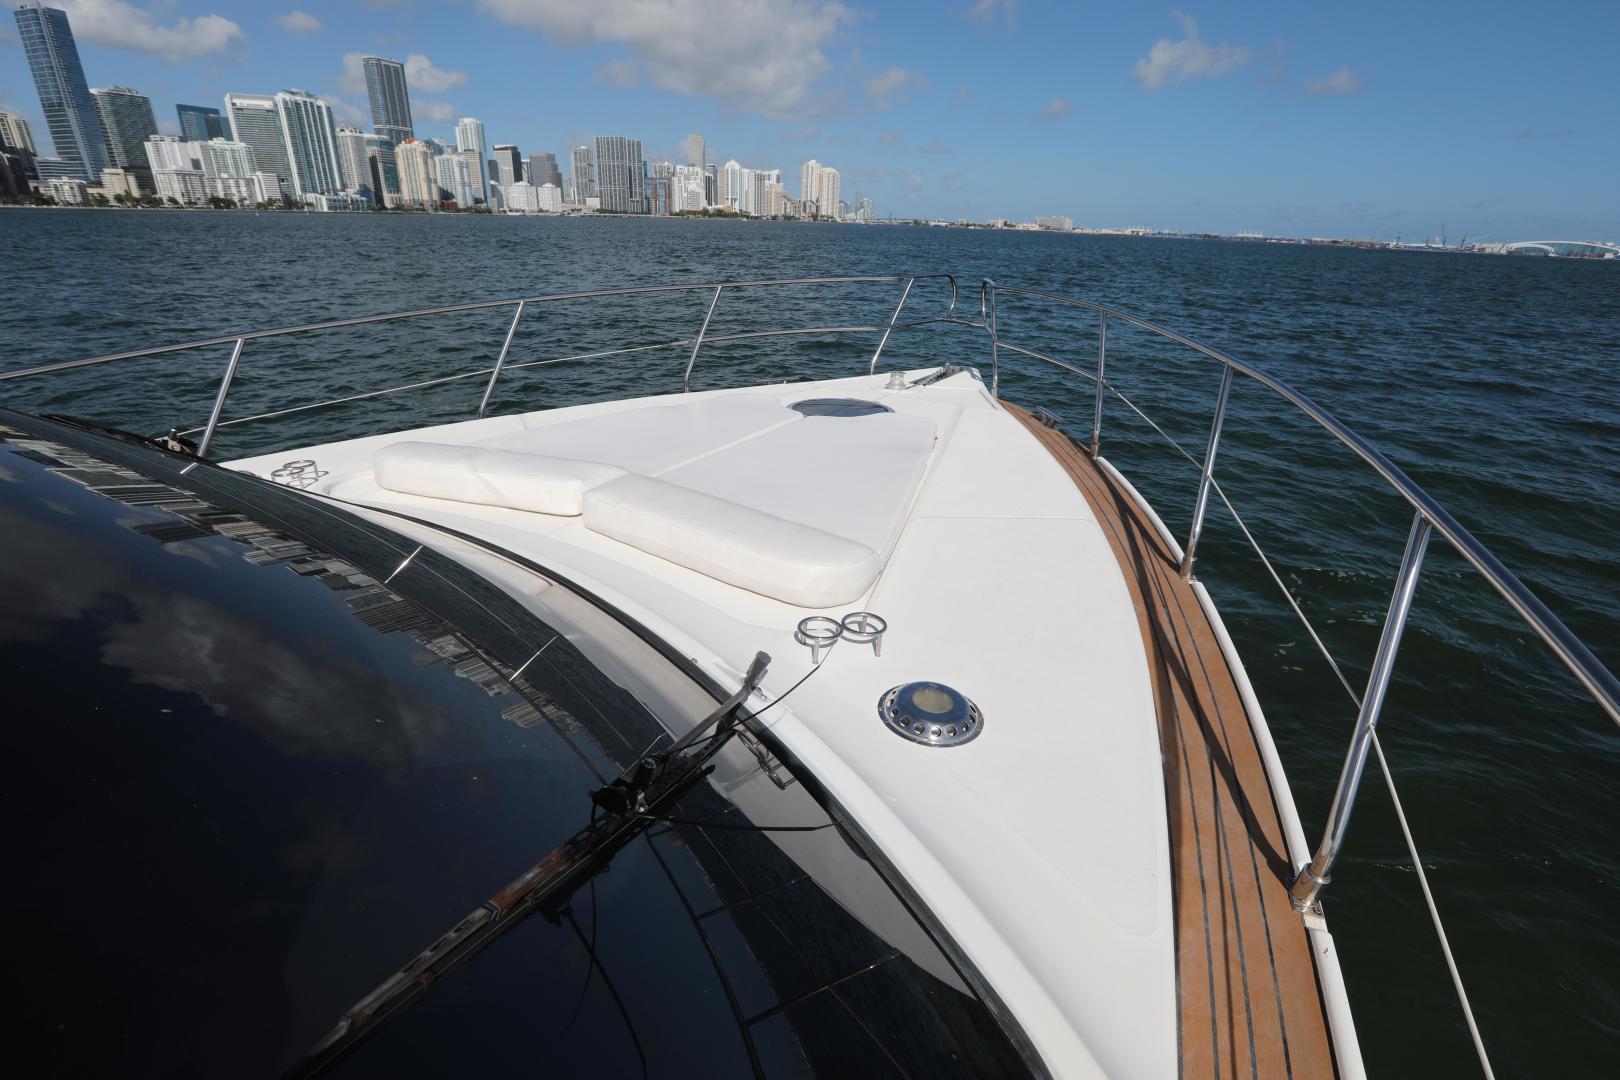 Rodman-Flybridge 2004-La Meli Miami Beach-Florida-United States-1566561 | Thumbnail